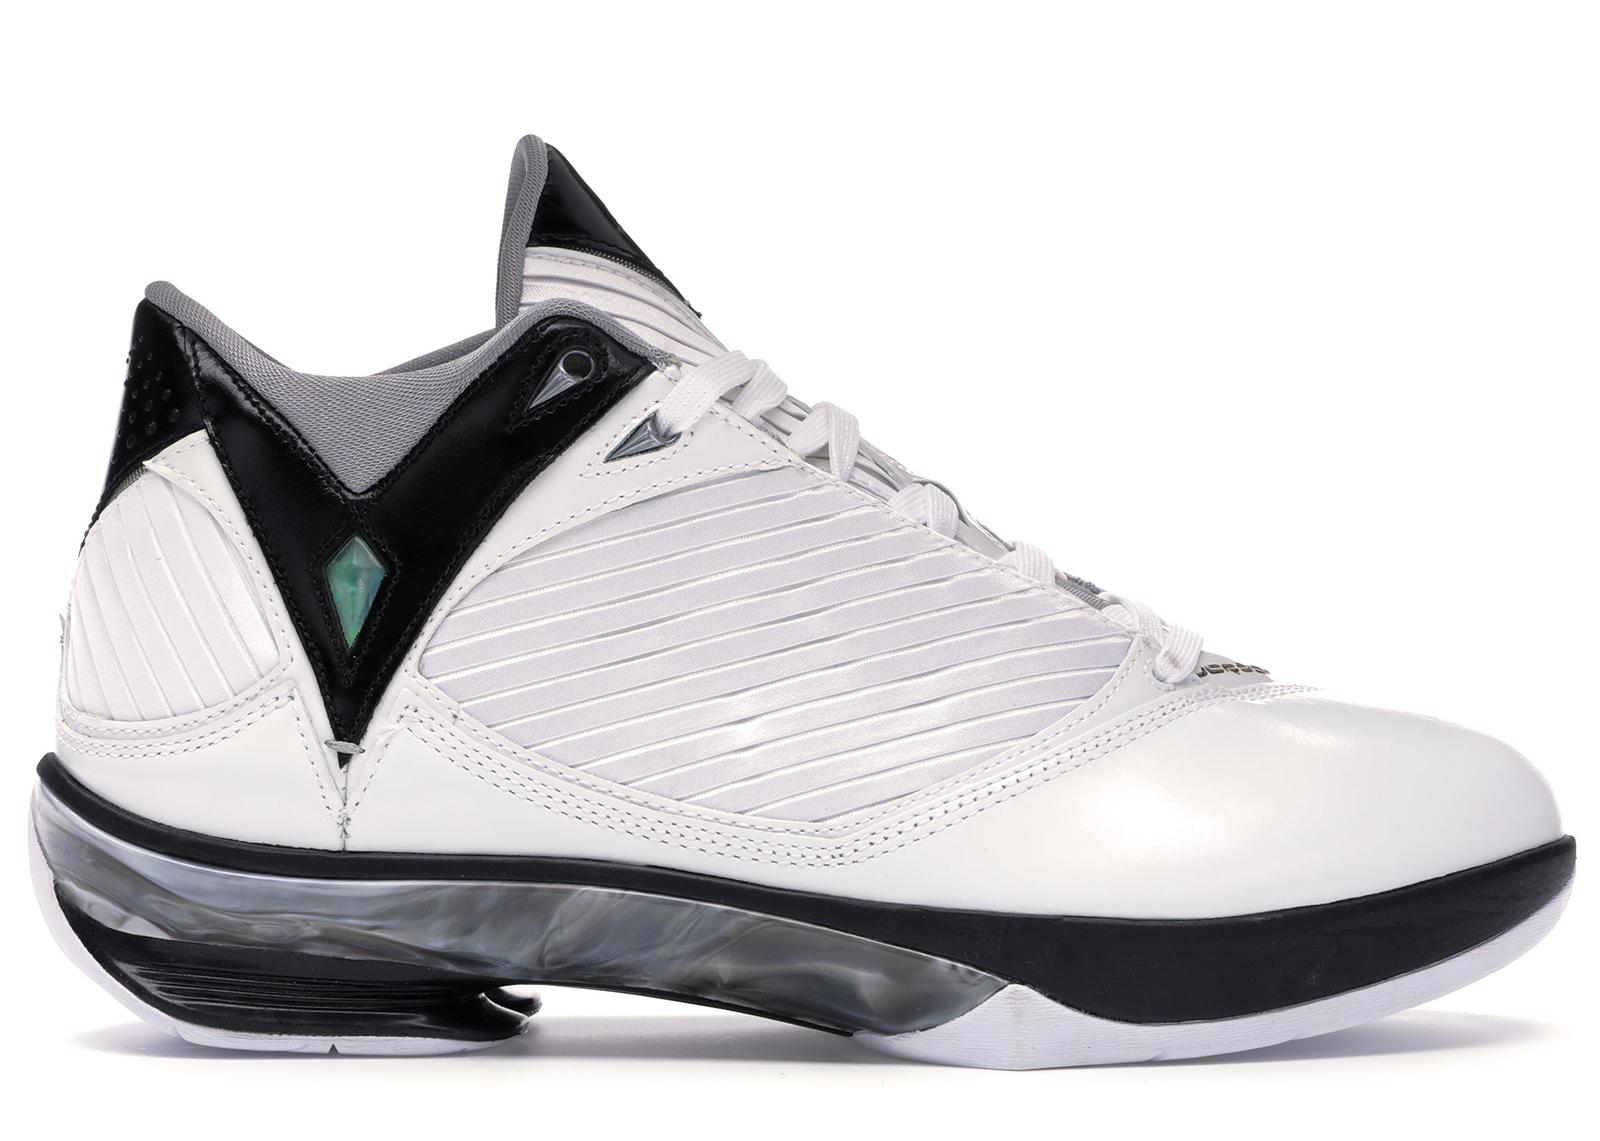 Air Jordan 24 Shoes \u0026 Deadstock Sneakers